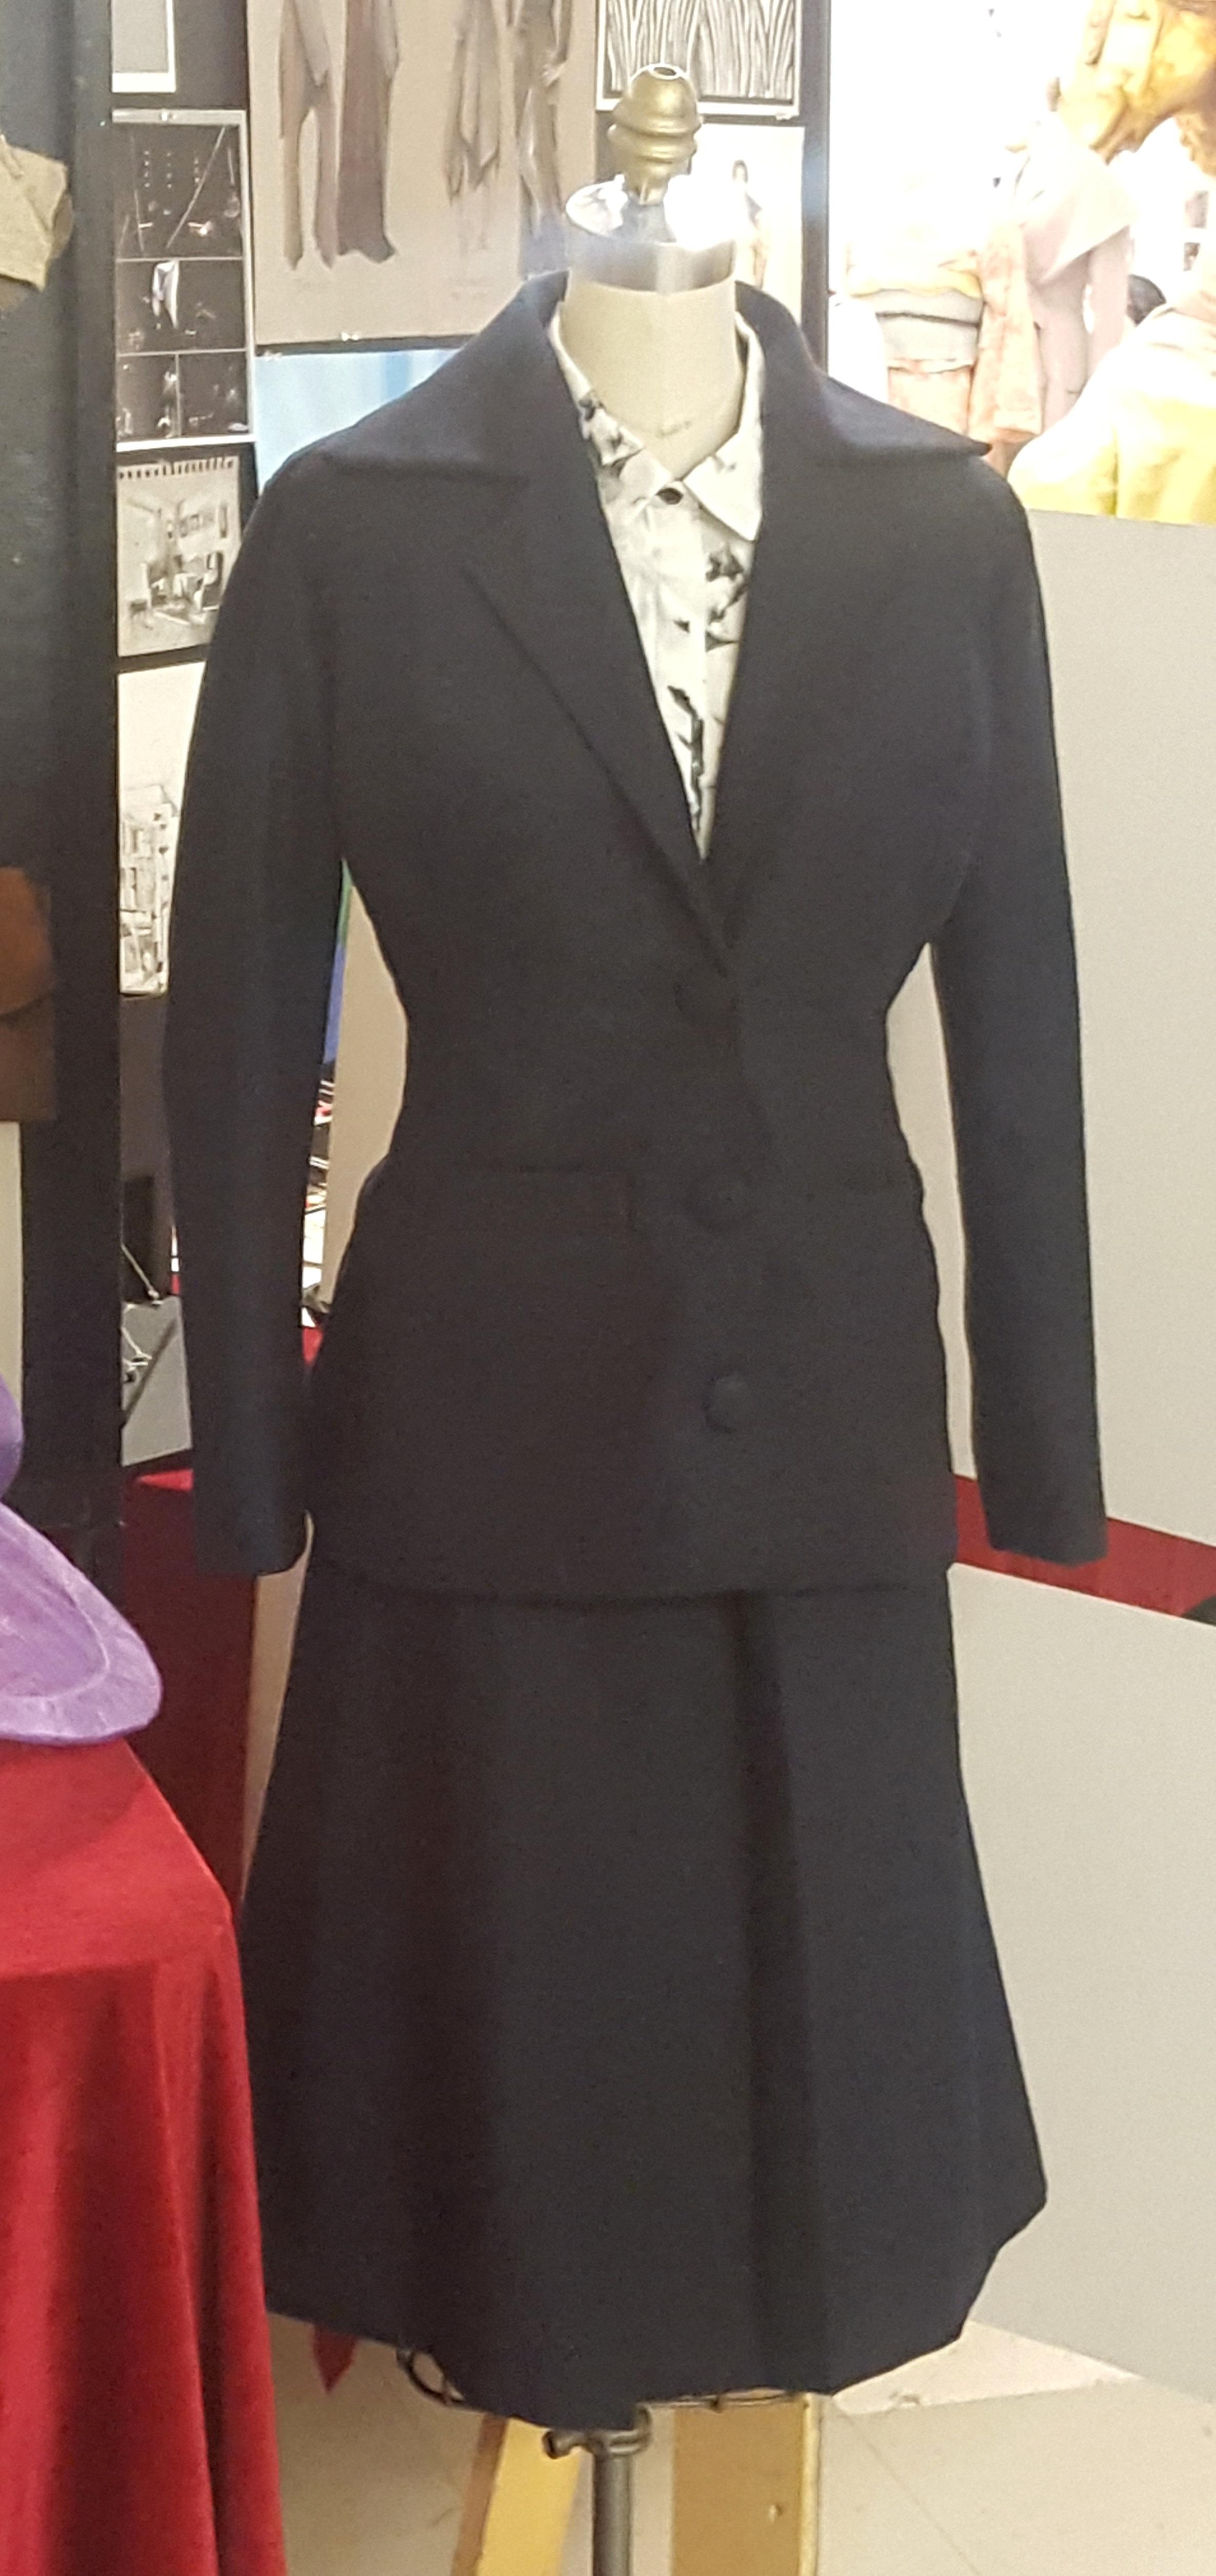 Korol_1940s Suit.jpg